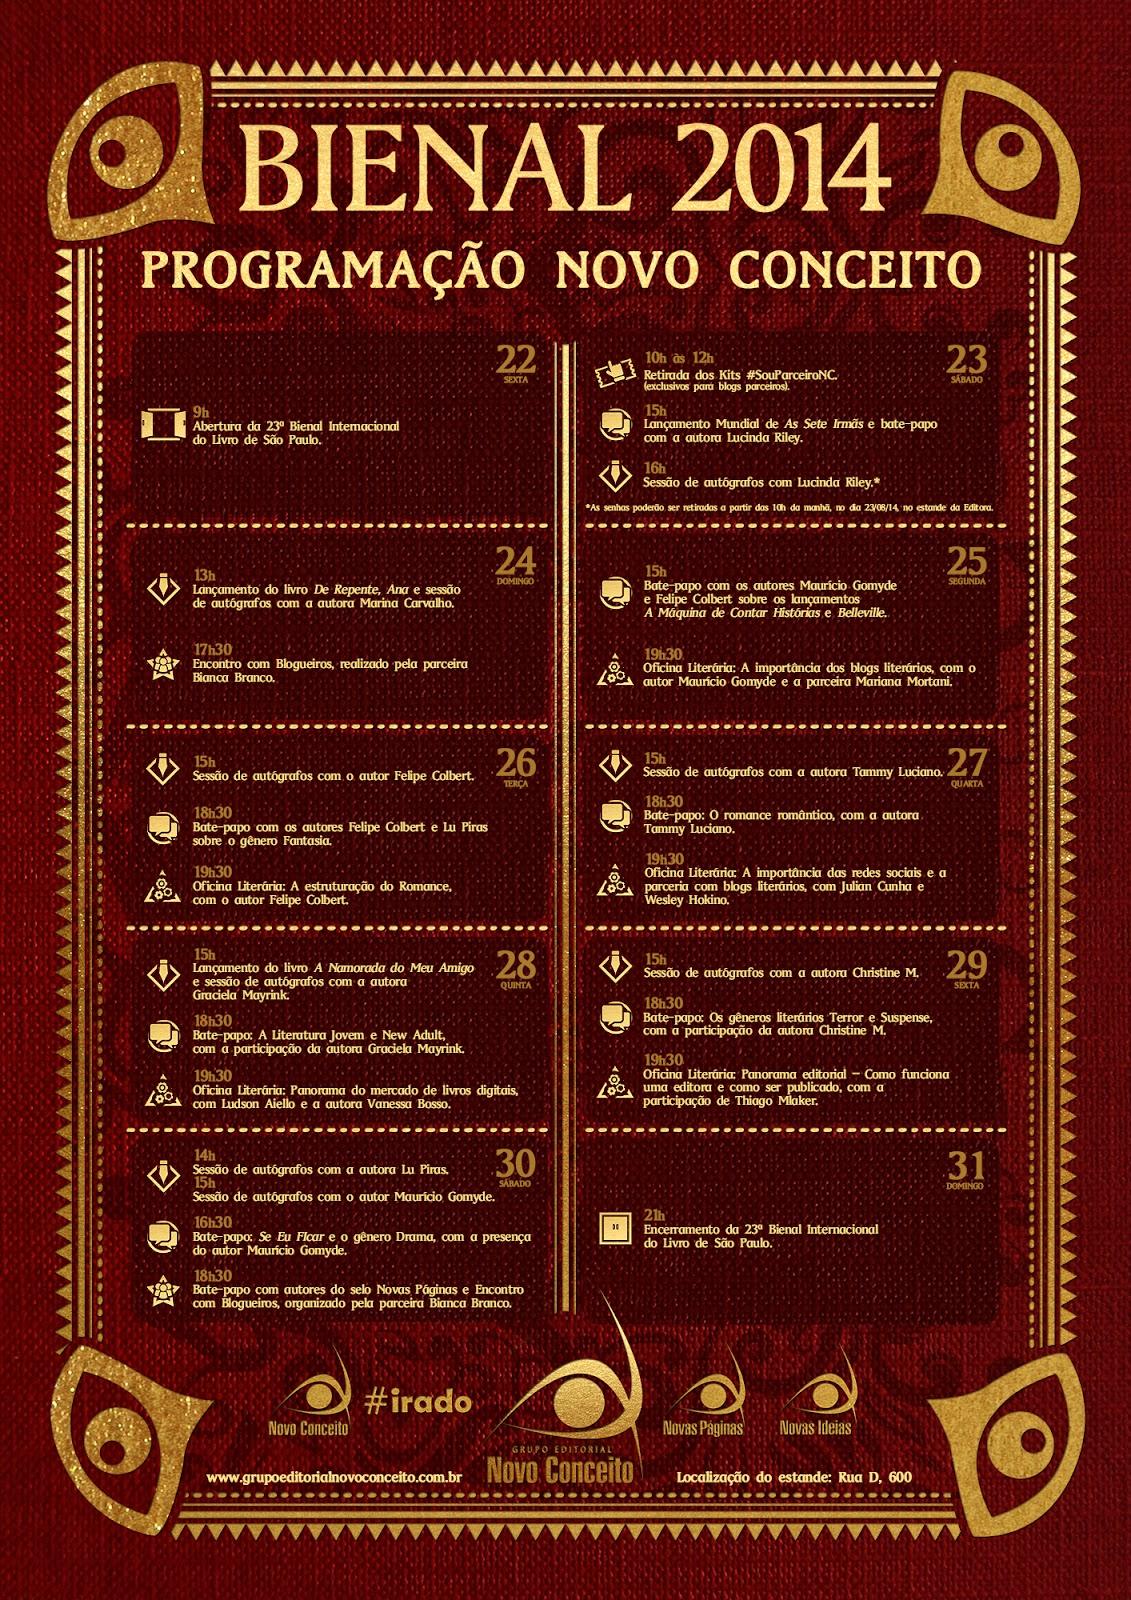 http://www.grupoeditorialnovoconceito.com.br/blog/mais-conteudo/bienal-do-livro-de-sao-paulo-um-novo-conceito-de-ser/#.U_Dof2MpeZQ